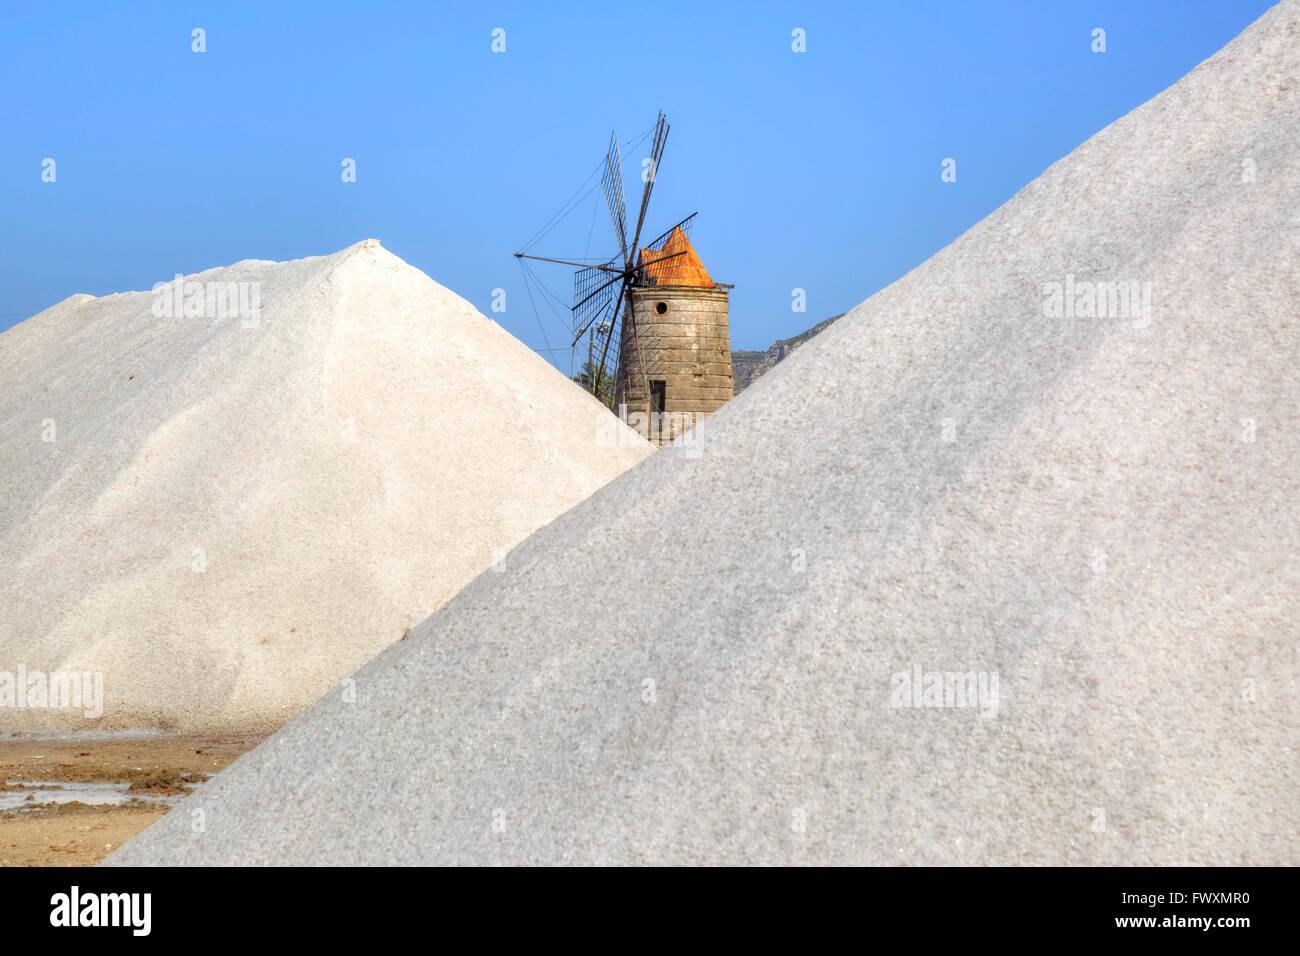 Saline, Trapani, Sicily, Italy, Europe - Stock Image